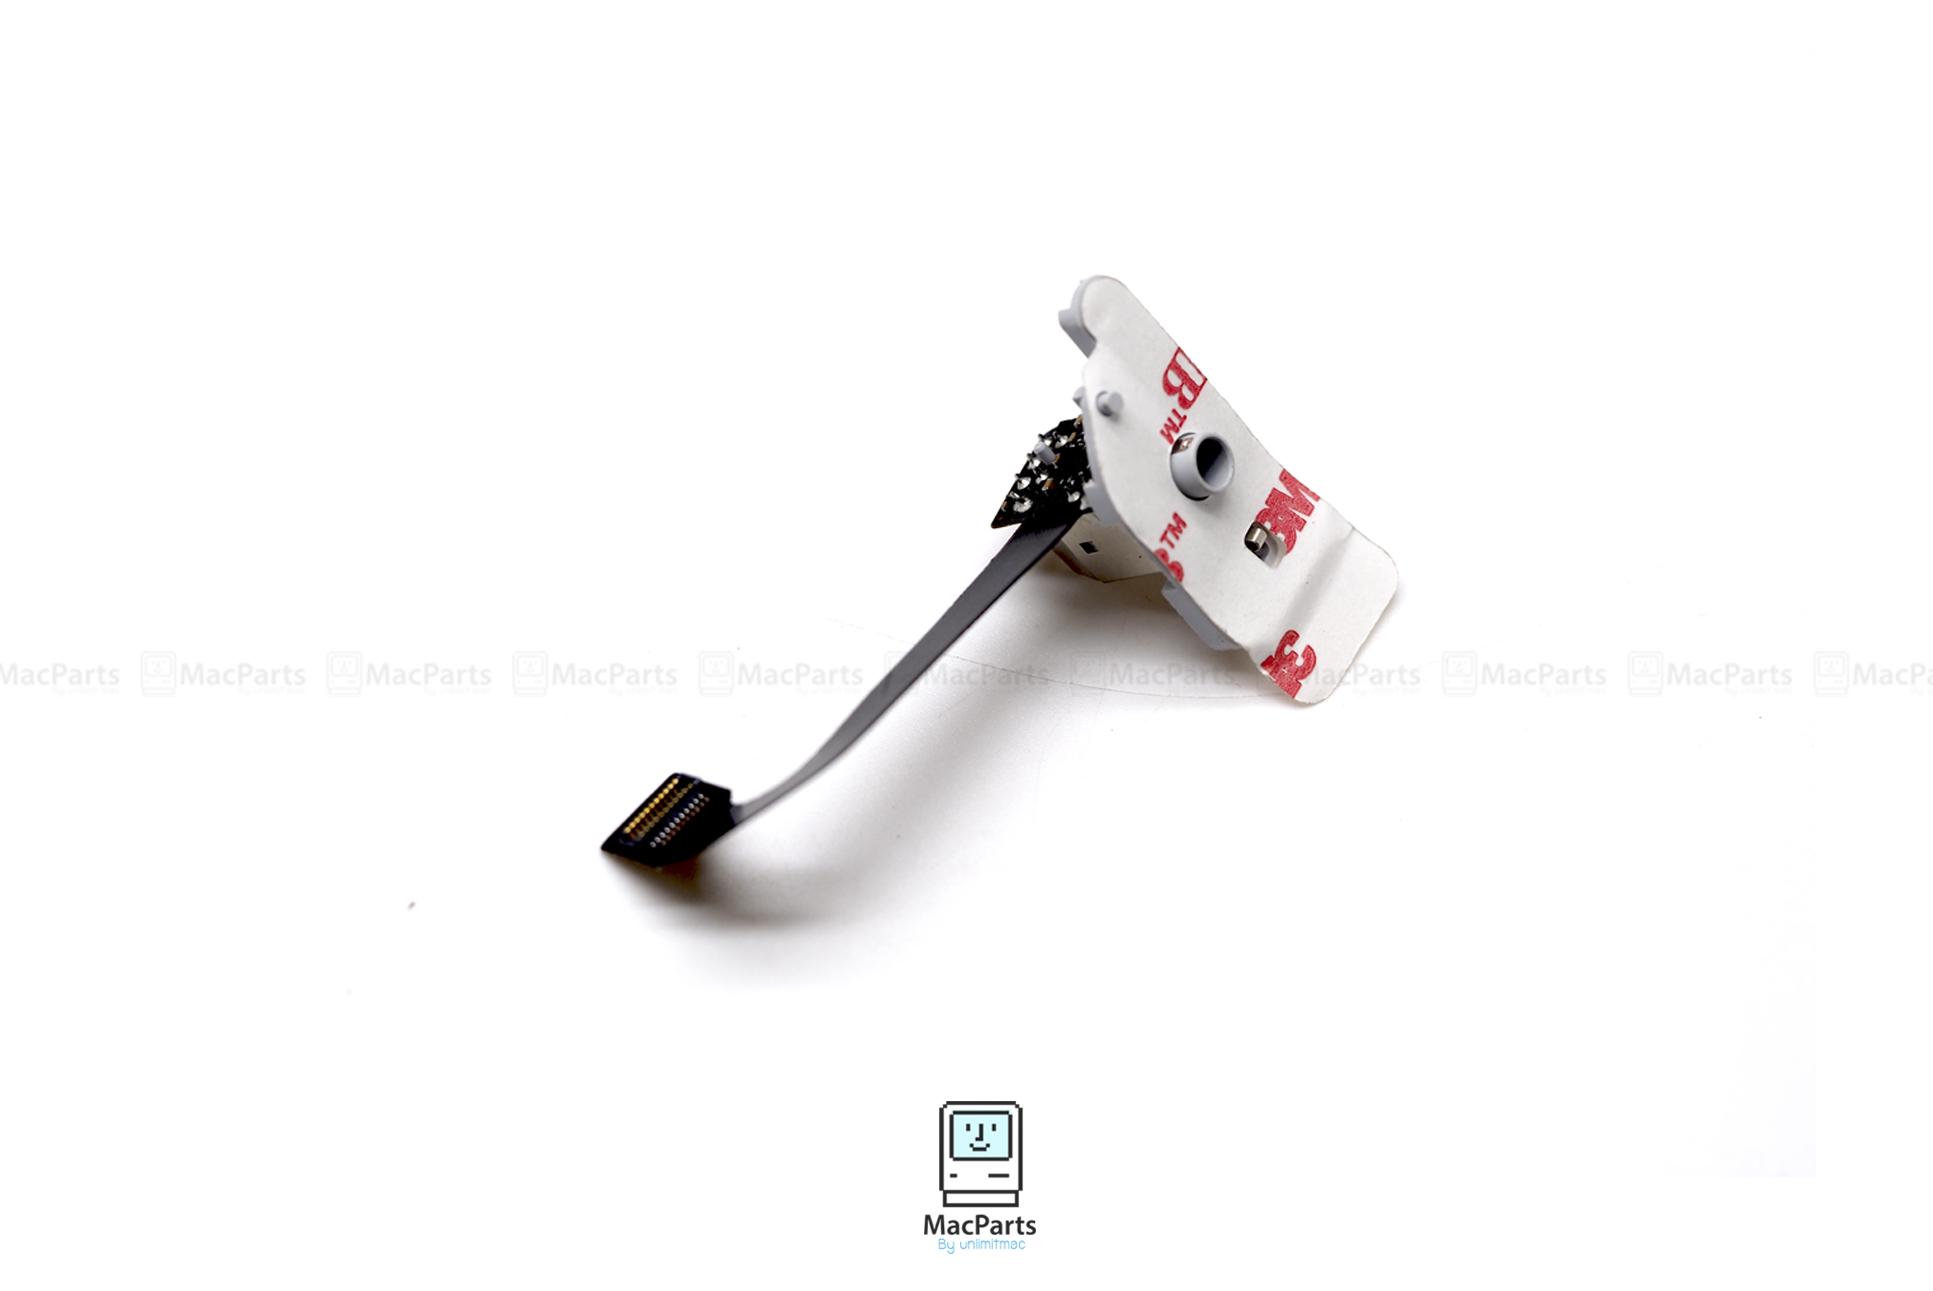 Audio Jack Flex A1419 iMac 27 2012-2015 , สายเสียบหูฟัง A1419 iMac 27 2012-2015